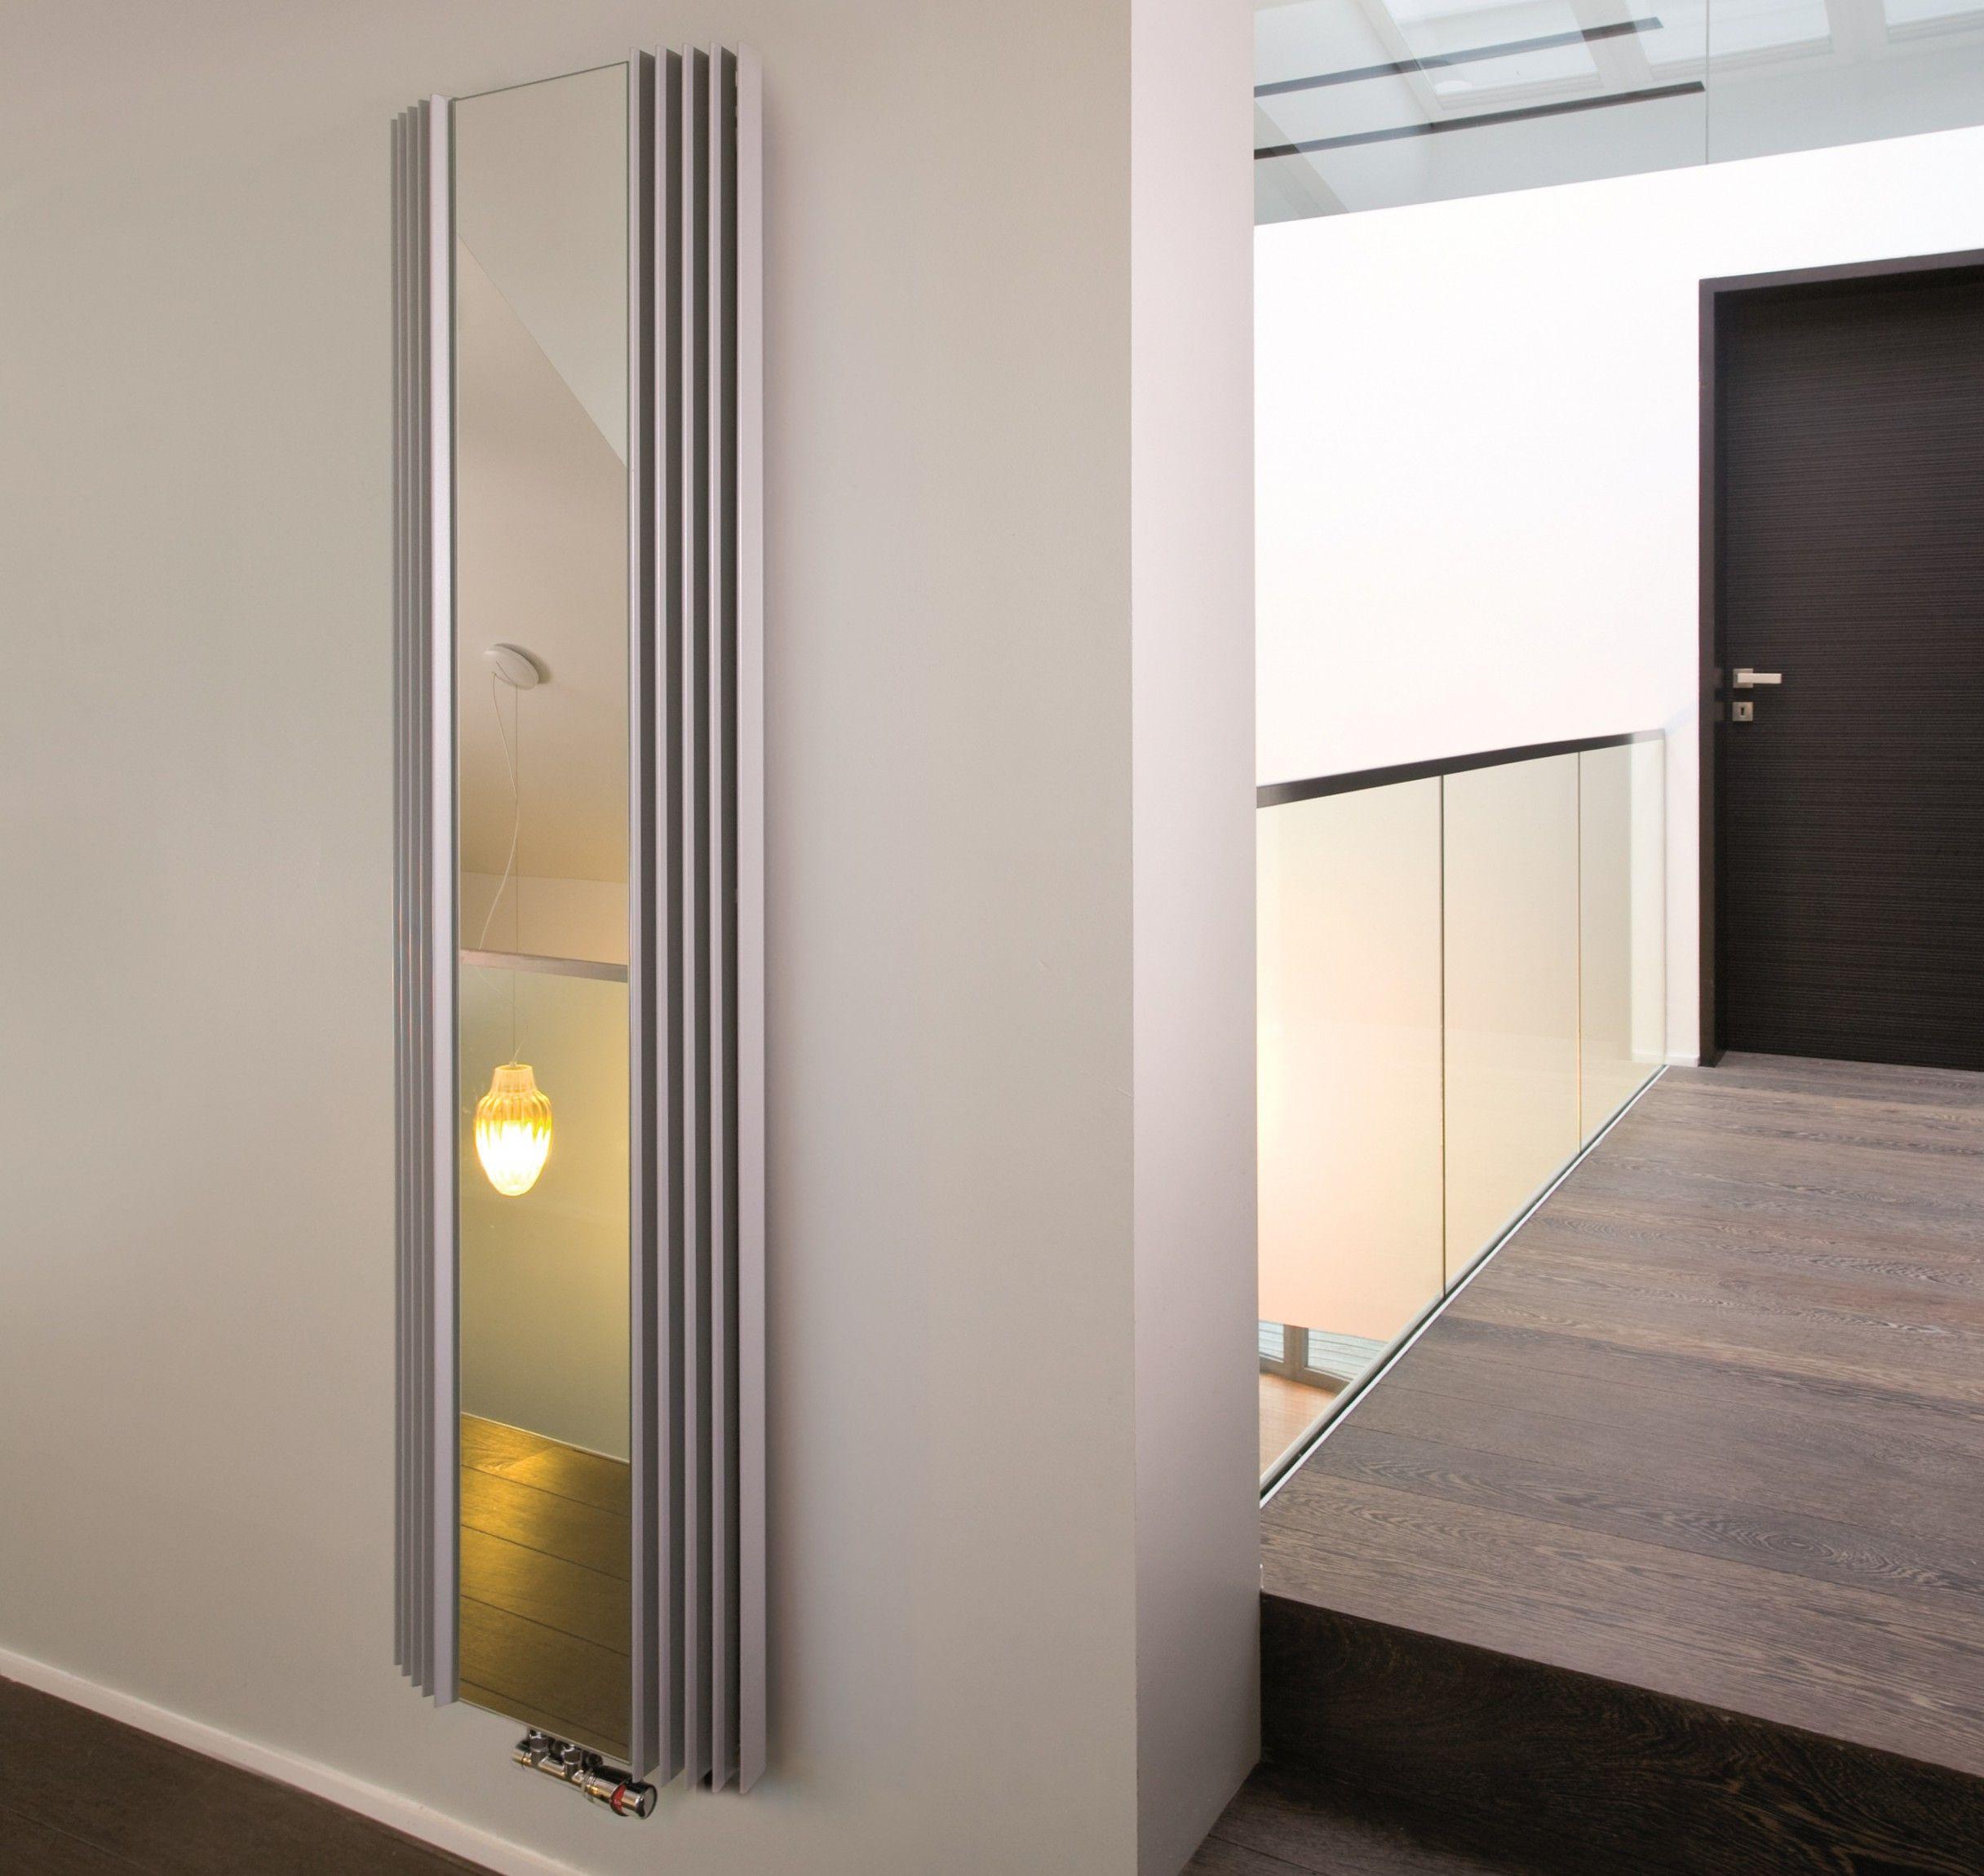 Design heizkörper spiegel 200 x ab 51 cm ab 978 watt heizkörper mit spiegel fürs bad